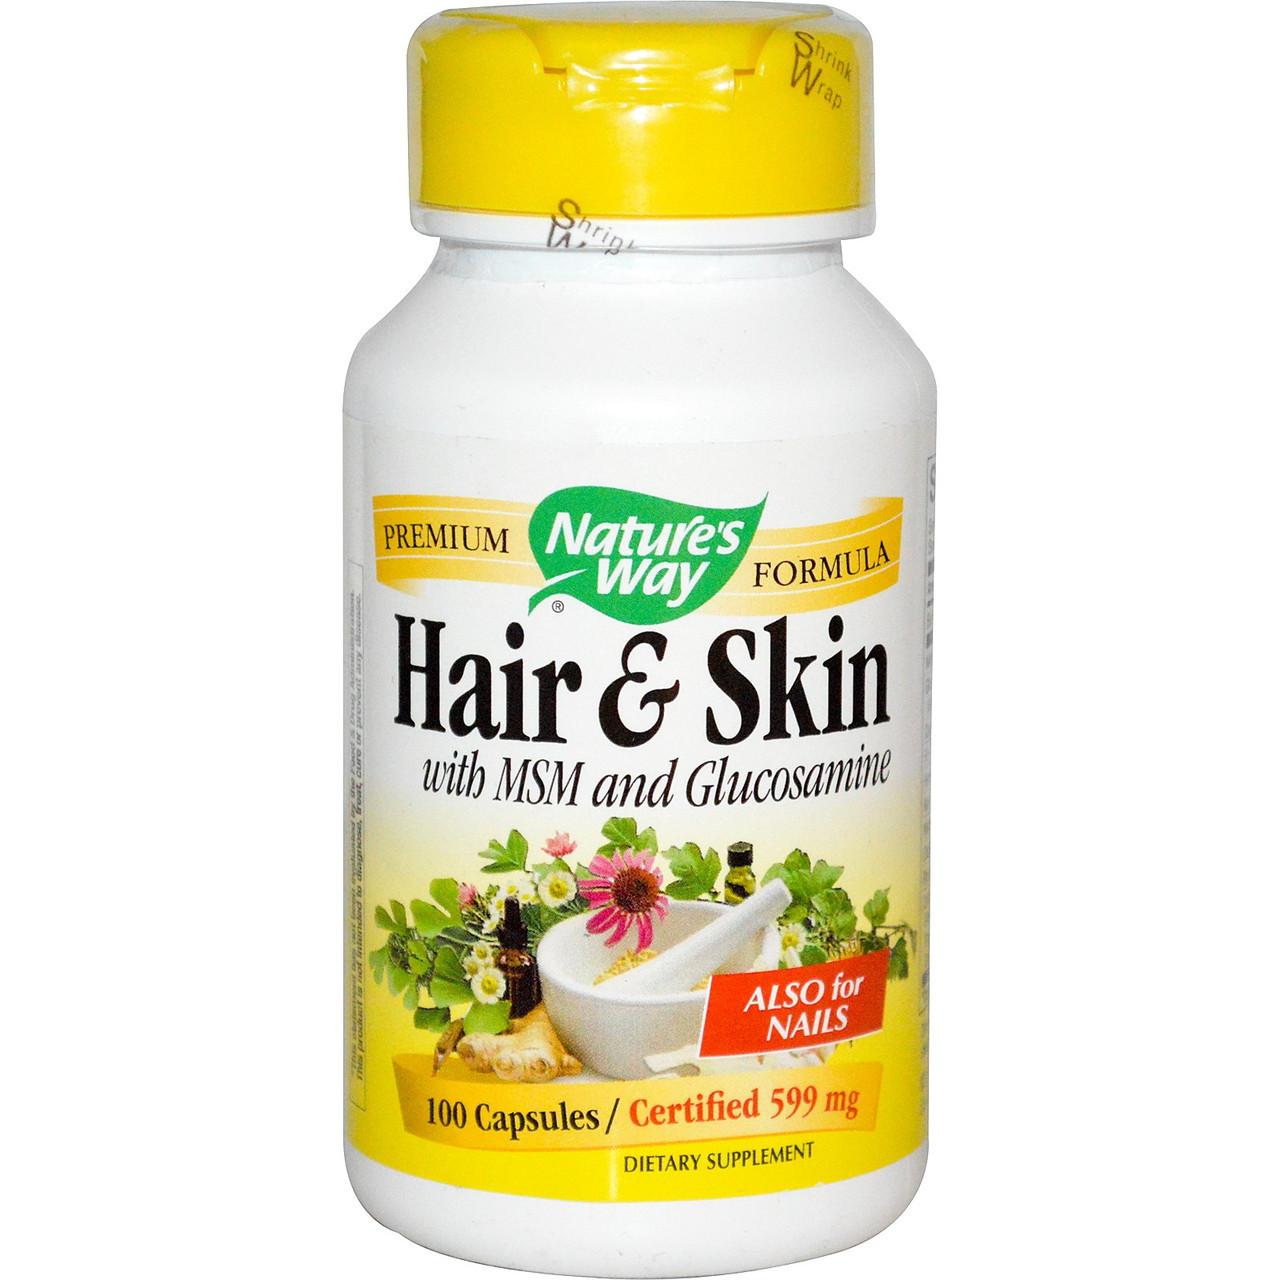 Витамины для волос и кожи, с МСМ и глюкозамином, Nature's Way. Сделано в США. 100 капсул